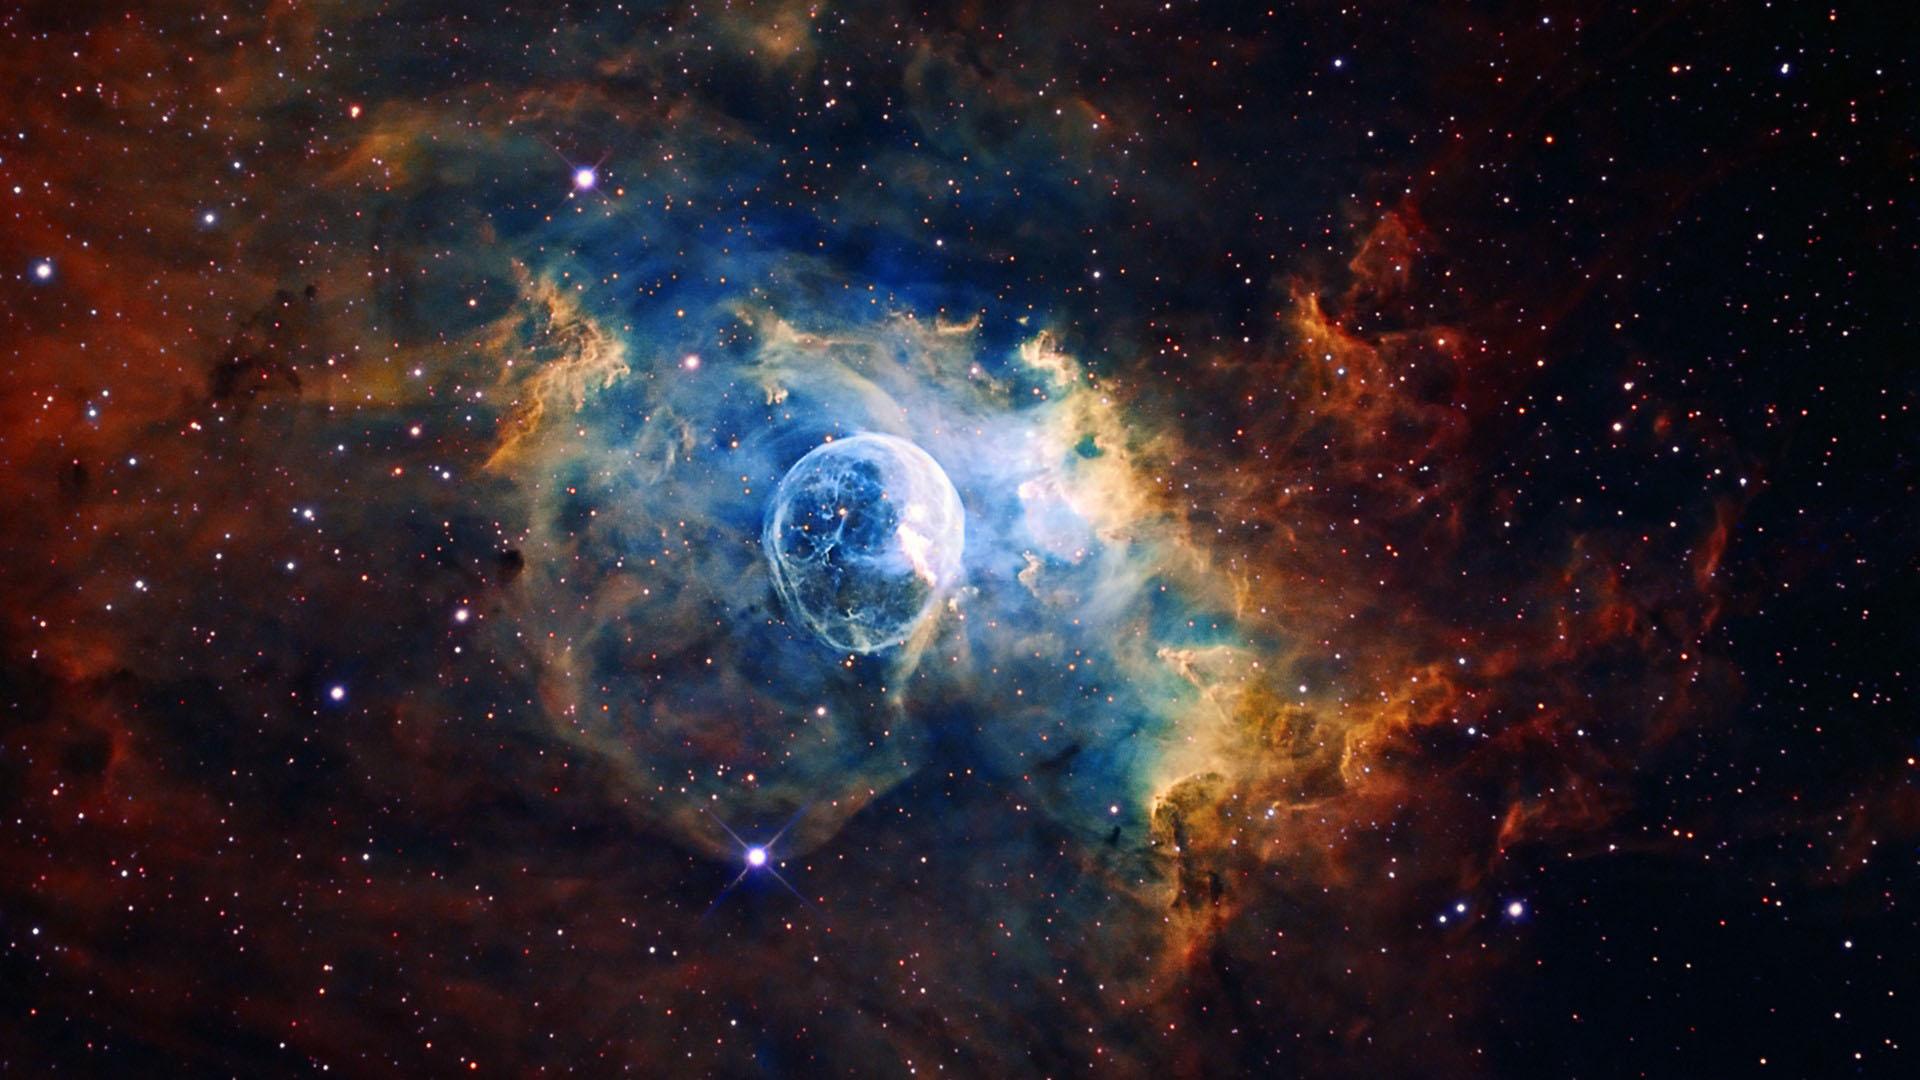 El descubrimiento de una quinta fuerza elemental nos ayudará a comprender mejor cómo funciona el cosmos